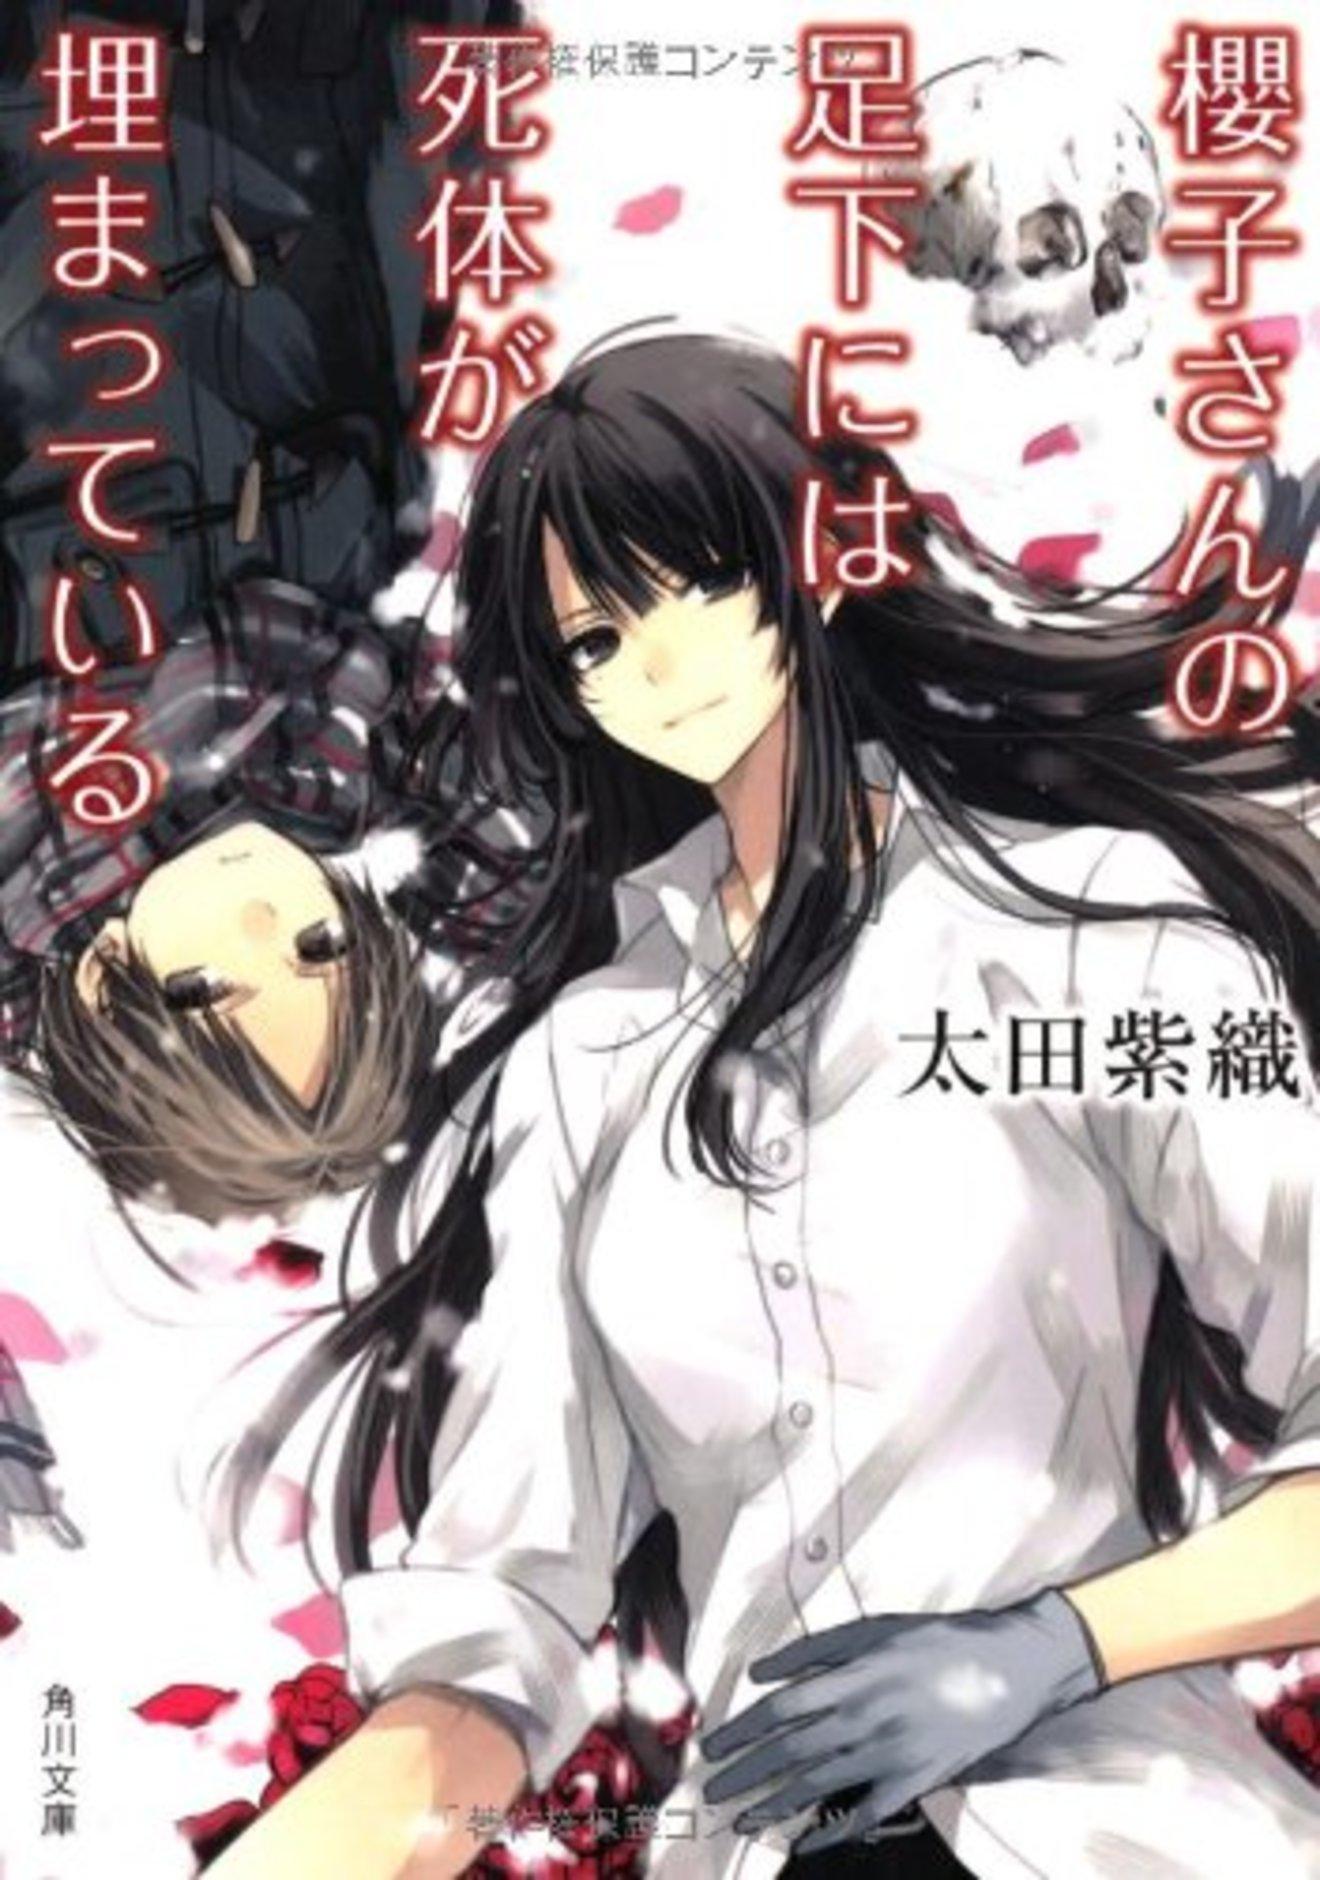 太田紫織のおすすめ小説4選!アニメ・ドラマ化された人気シリーズの作者